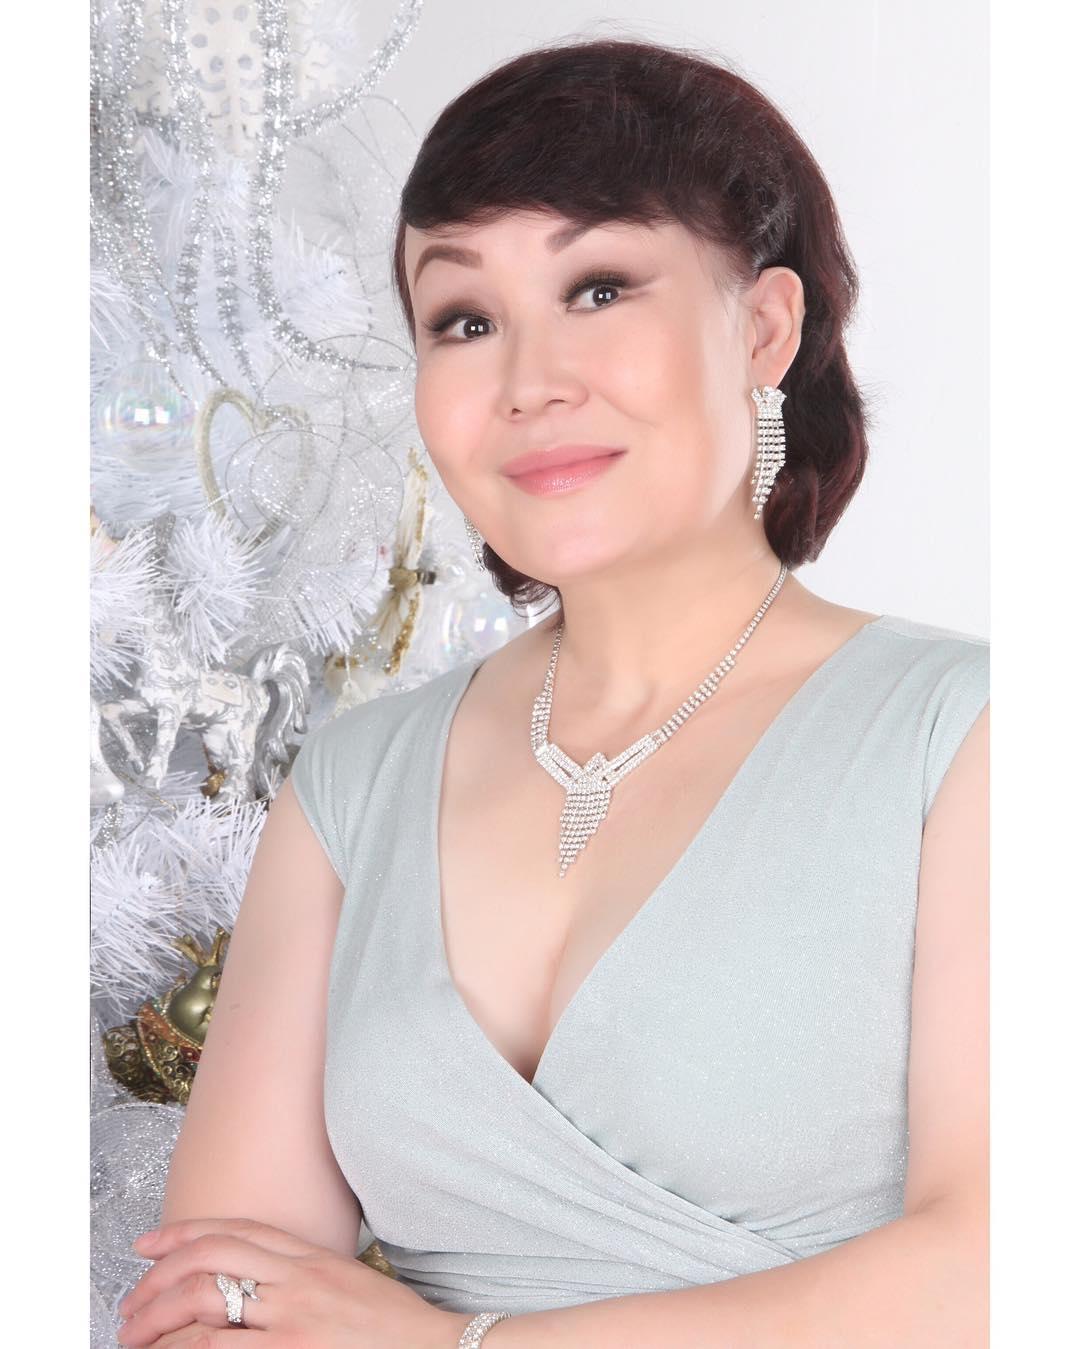 Жаныл Асанбекова: С НОВЫМ 2019- ГОДОМ,МОИ ДОРОГИЕ!    #Новогодняяфотосессия